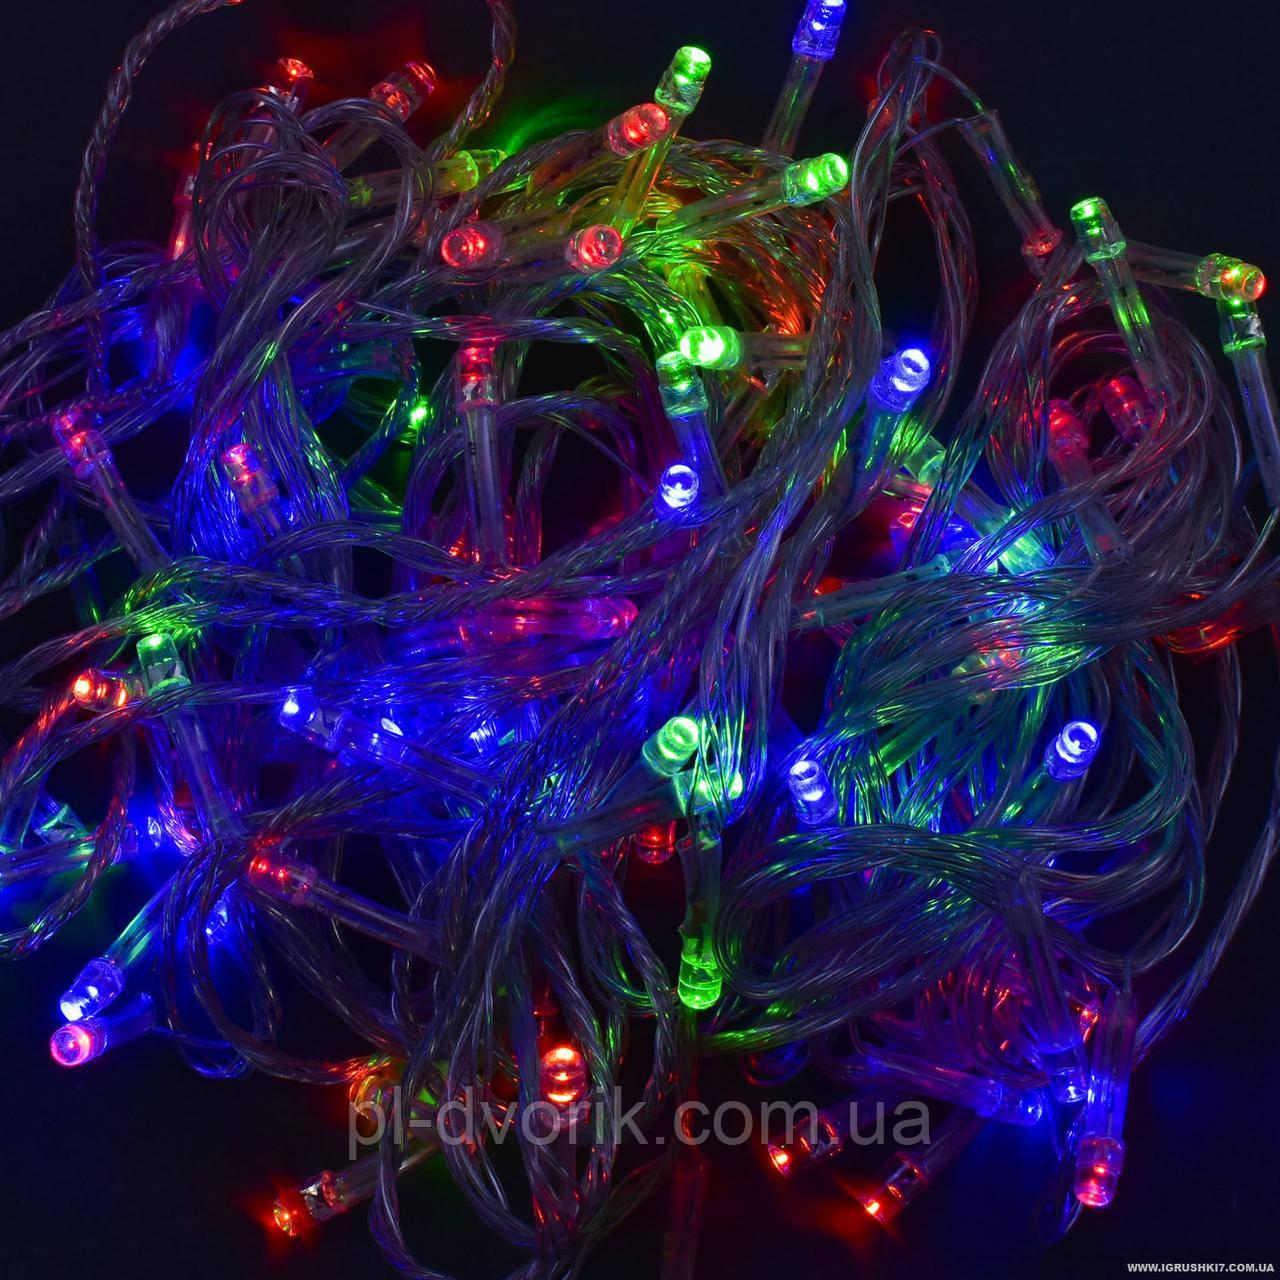 Гирлянда светодиодная С 31321 100 лампочек, длина 9.5 метра, мультиколор Длина:12 см Ширина:6 см Высота:7 с